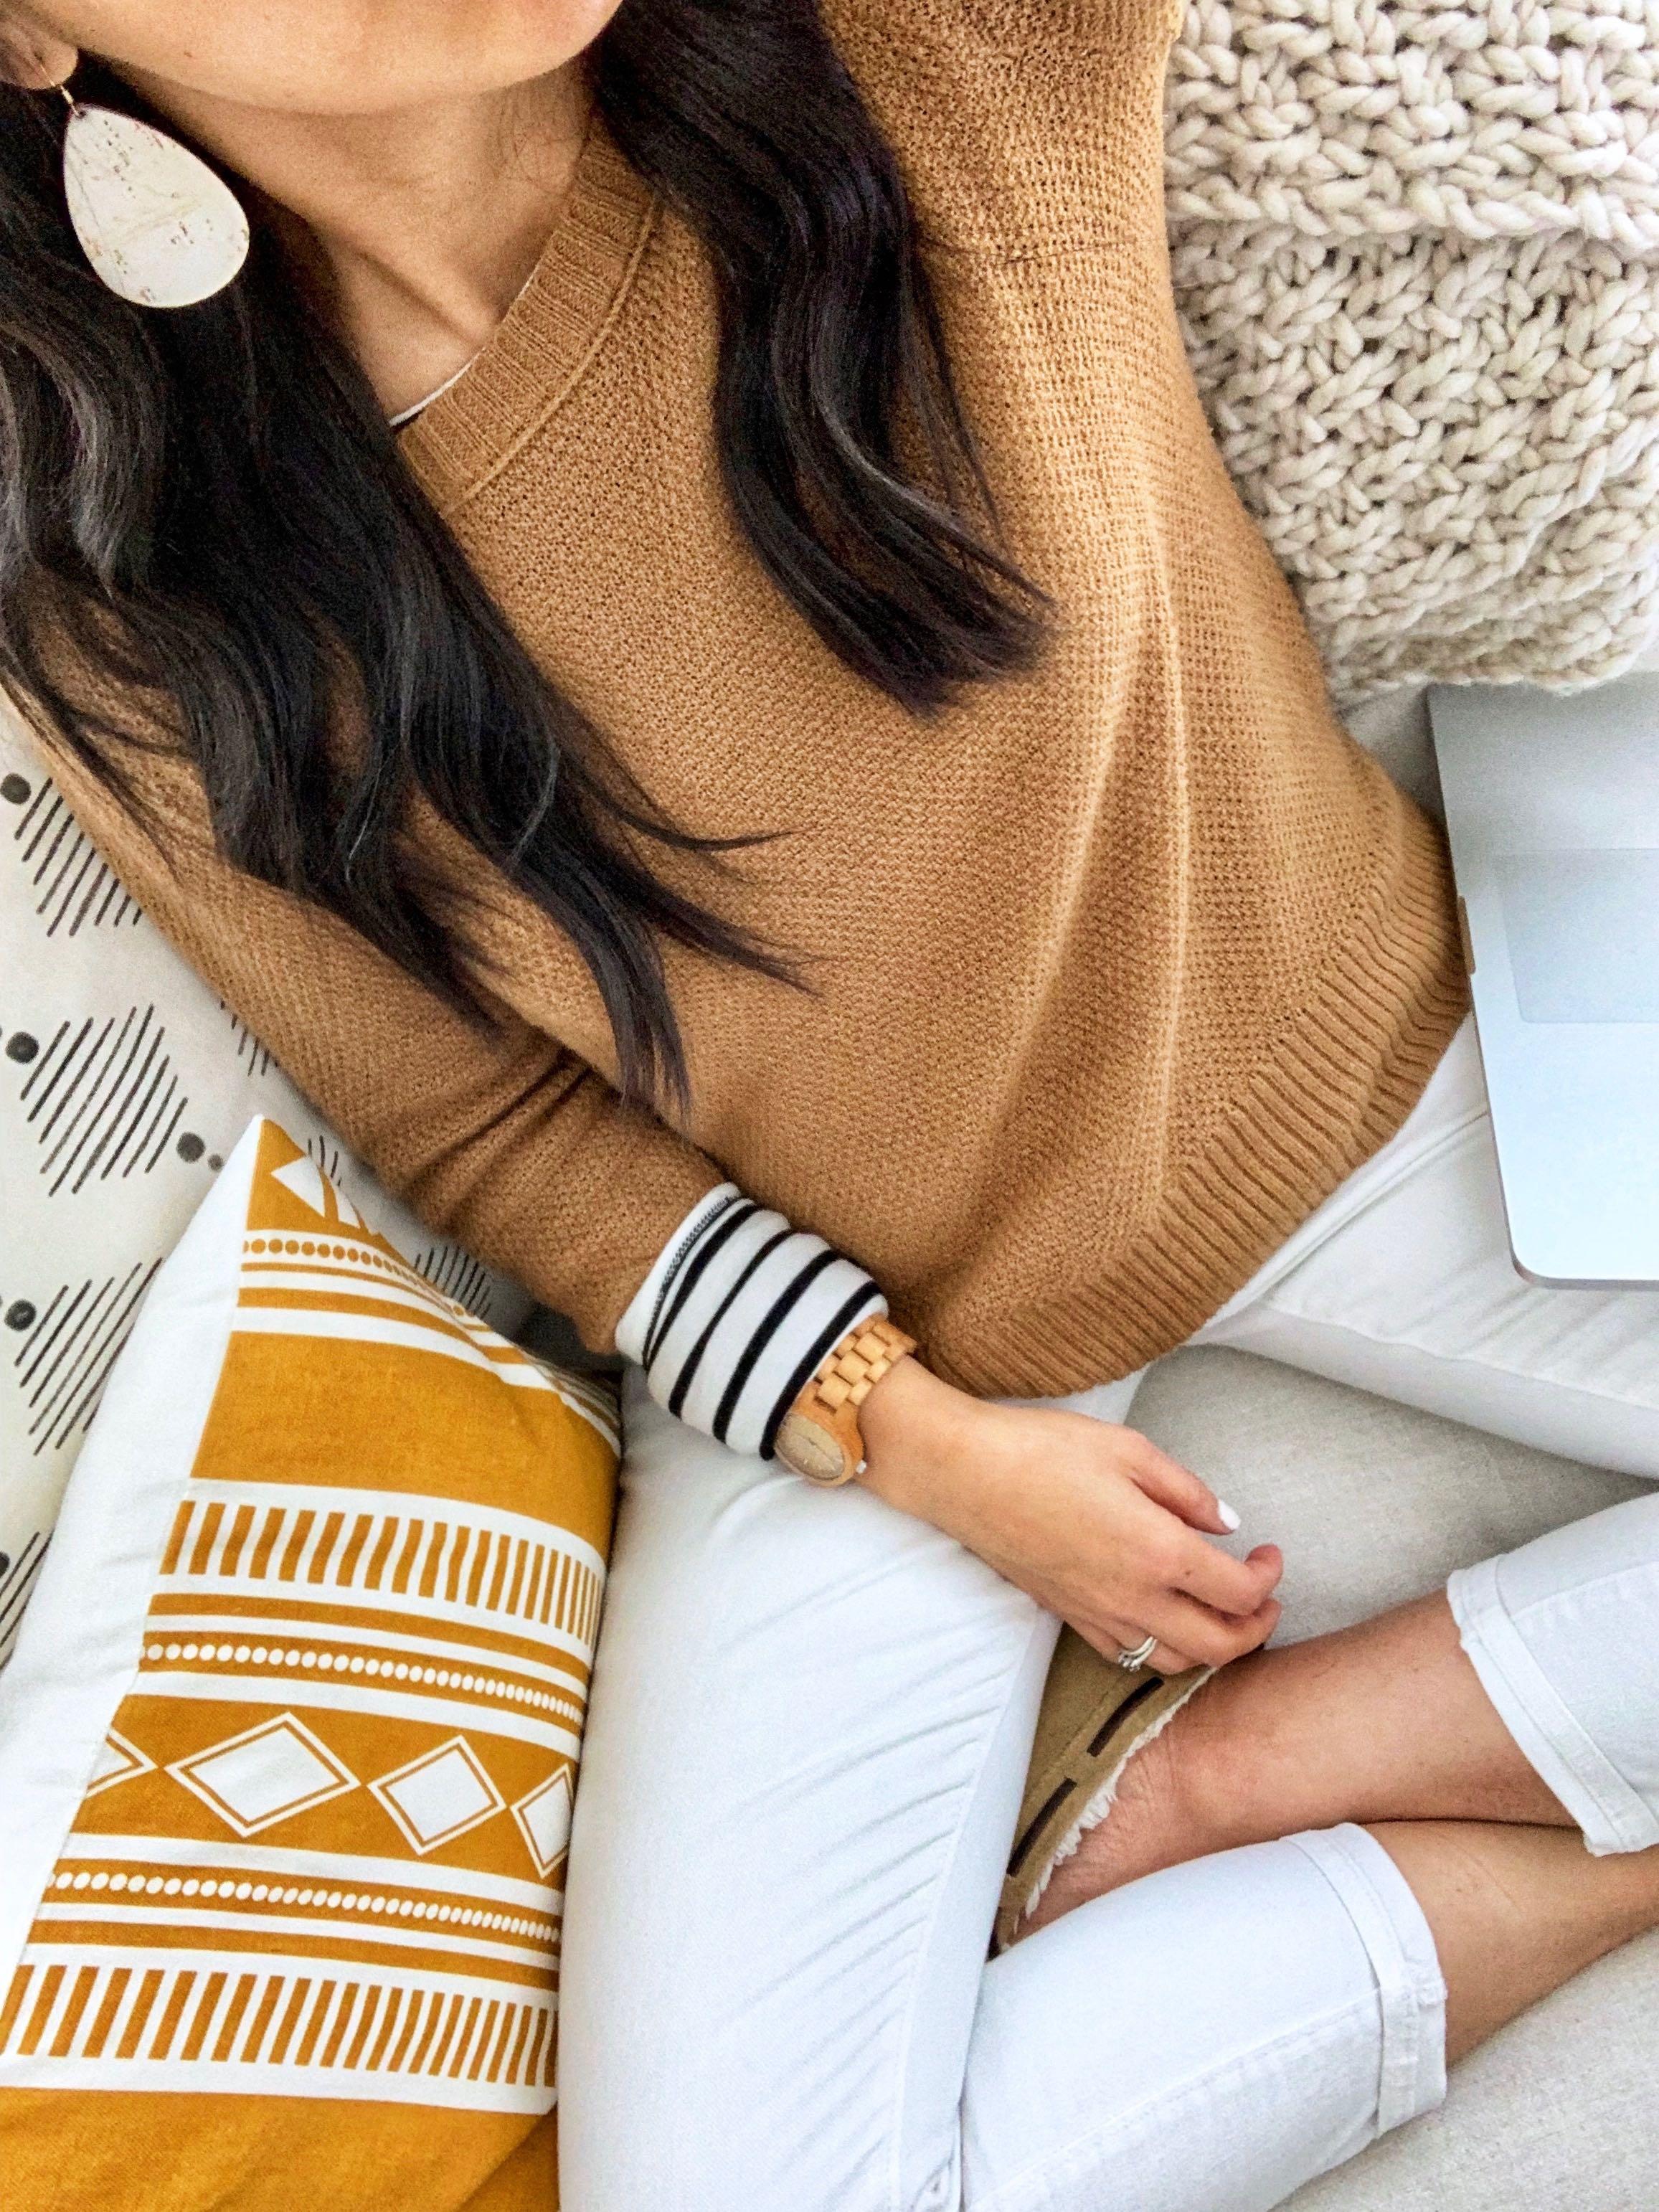 Tan Sweater + Striped Tee + White Jeans + Cork Earrings